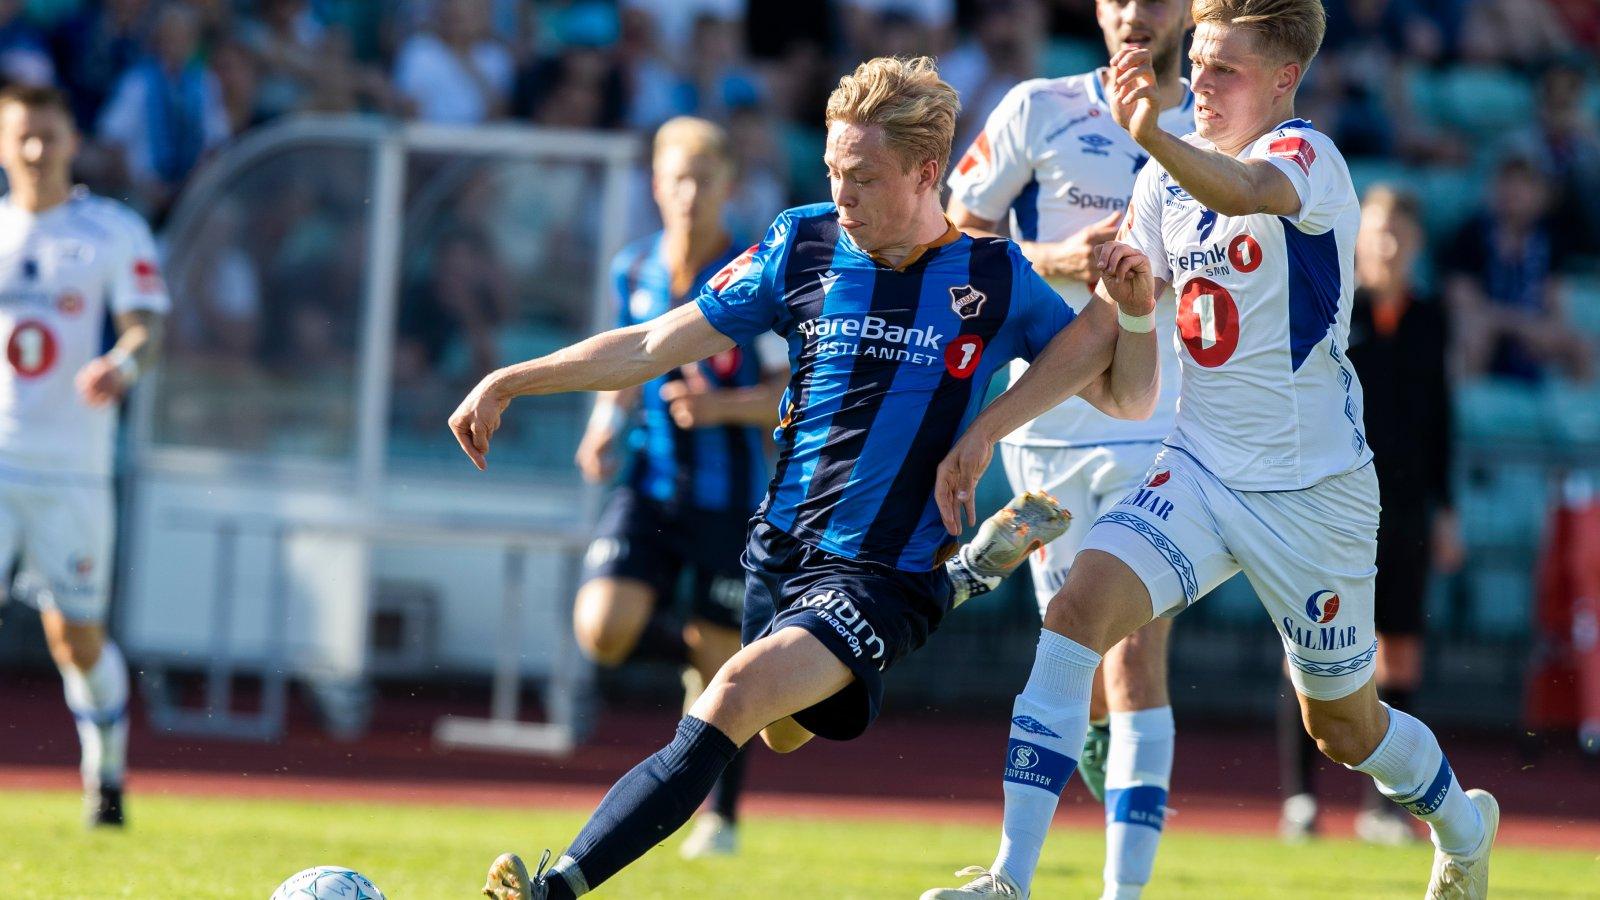 Eliteserien fotball 2019: Stabæk - Ranheim TF. Stabæks Ola Brynhildsen under  kampen mellom Stabæk og Ranheim TF på Nadderud Stadion.Foto: Berit Roald / NTB scanpix